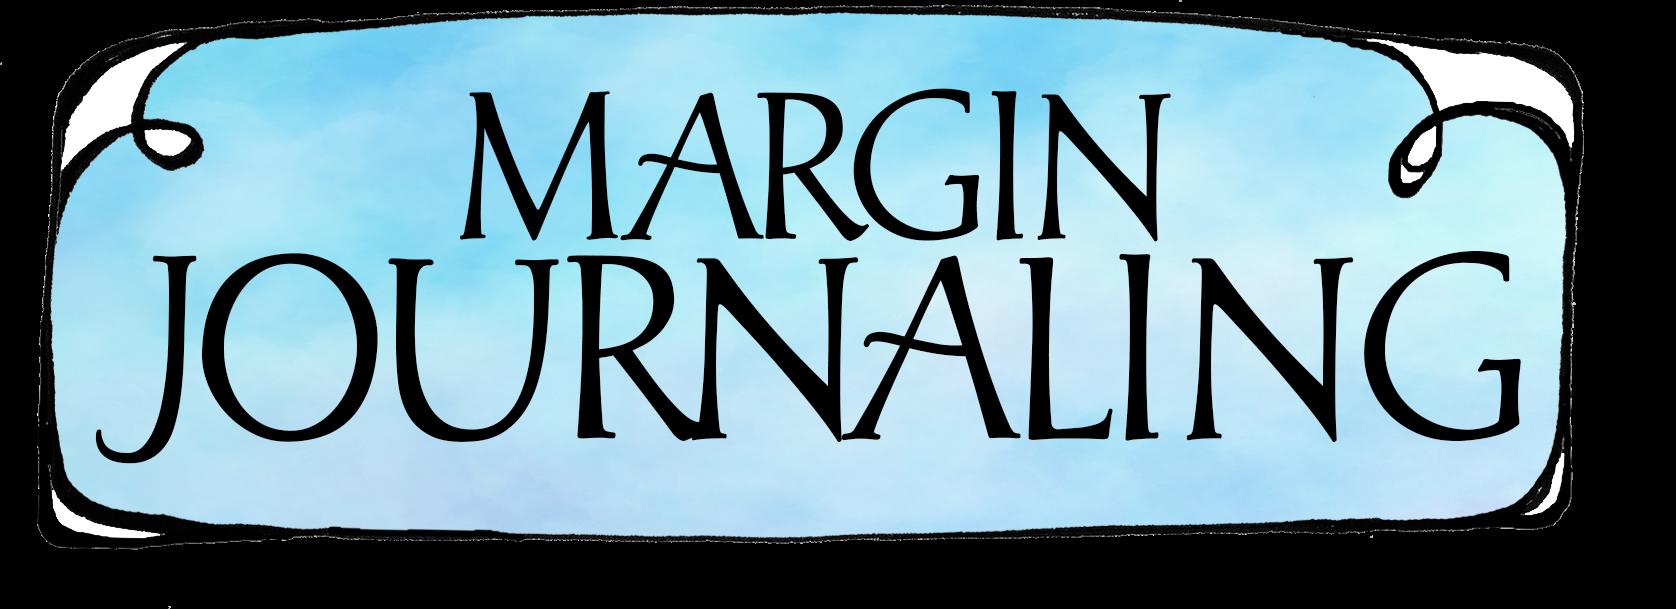 Margin Journaling